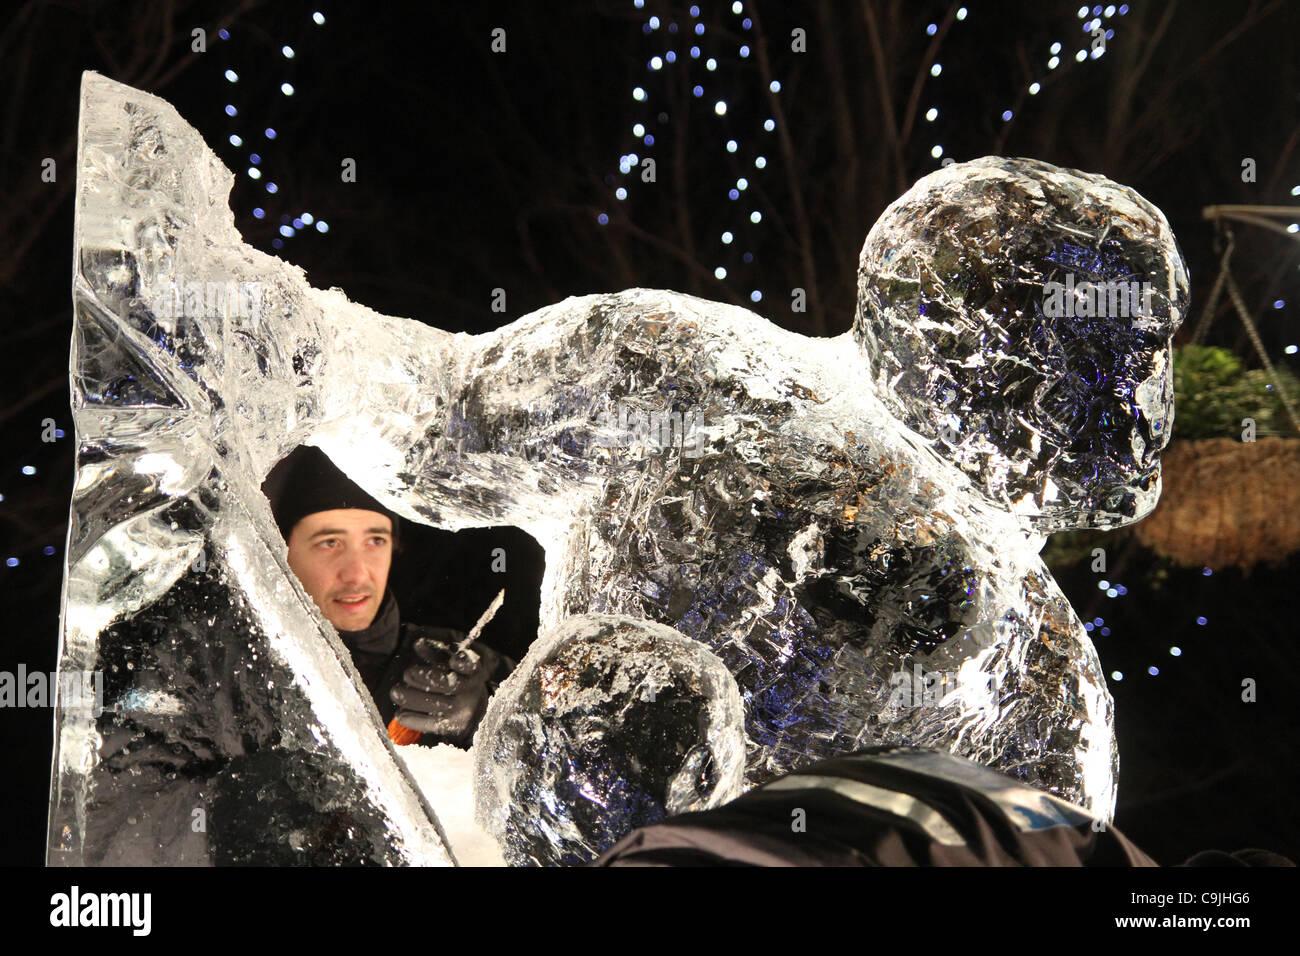 El equipo portugués formado por Pedro Mira & Niall Magee cincel en sus esculturas de hielo en el 4º Imagen De Stock